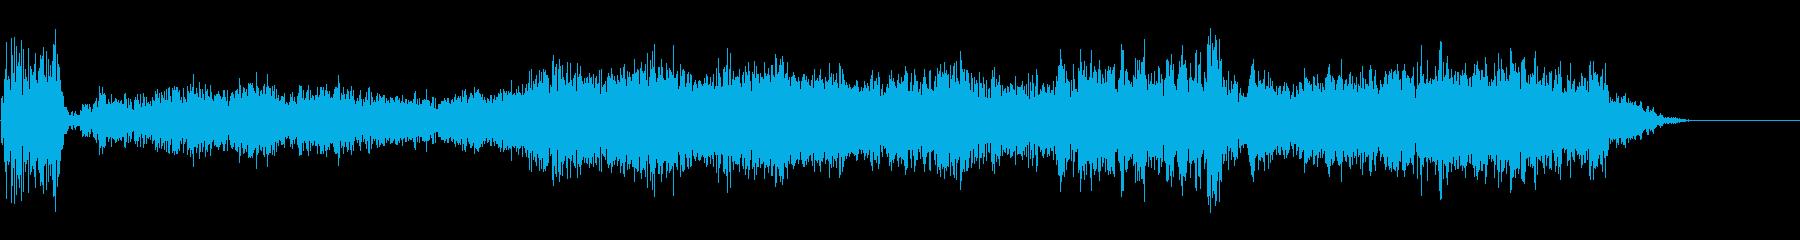 ランブル4の再生済みの波形